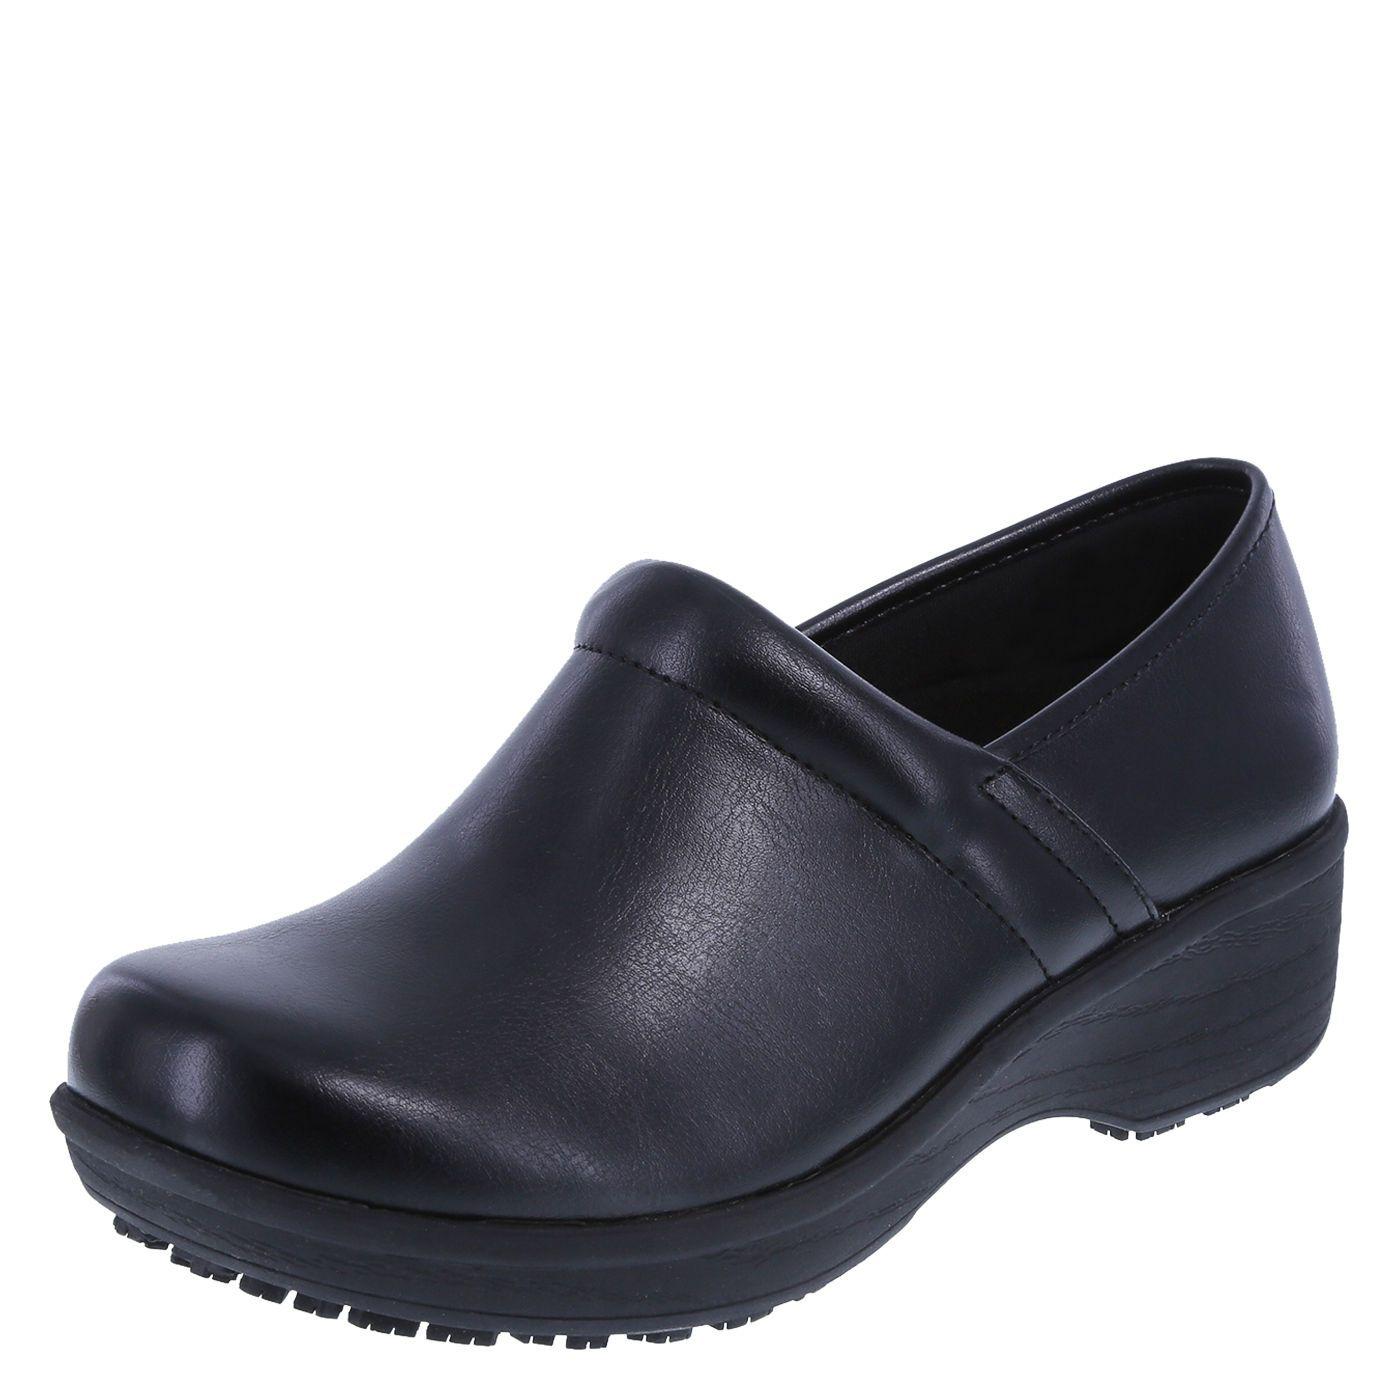 Safe T Step SafeTstep Women/'s Slip Resistant Gretchen Black Clog Shoes Medium